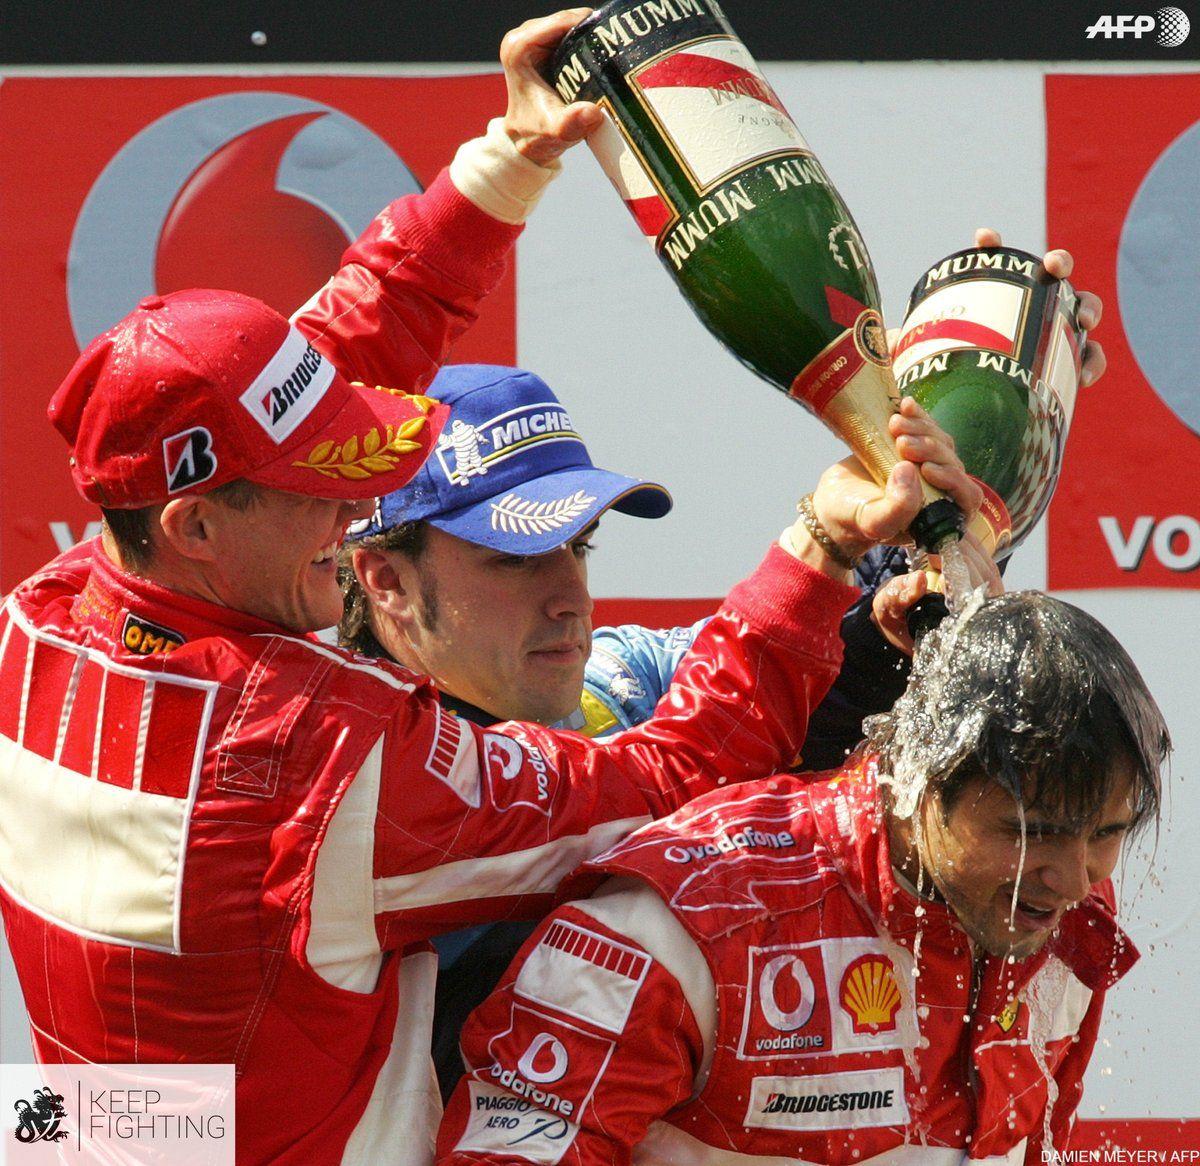 Michael Schumacher Schumacher On Twitter Michael Schumacher Schumacher Michael